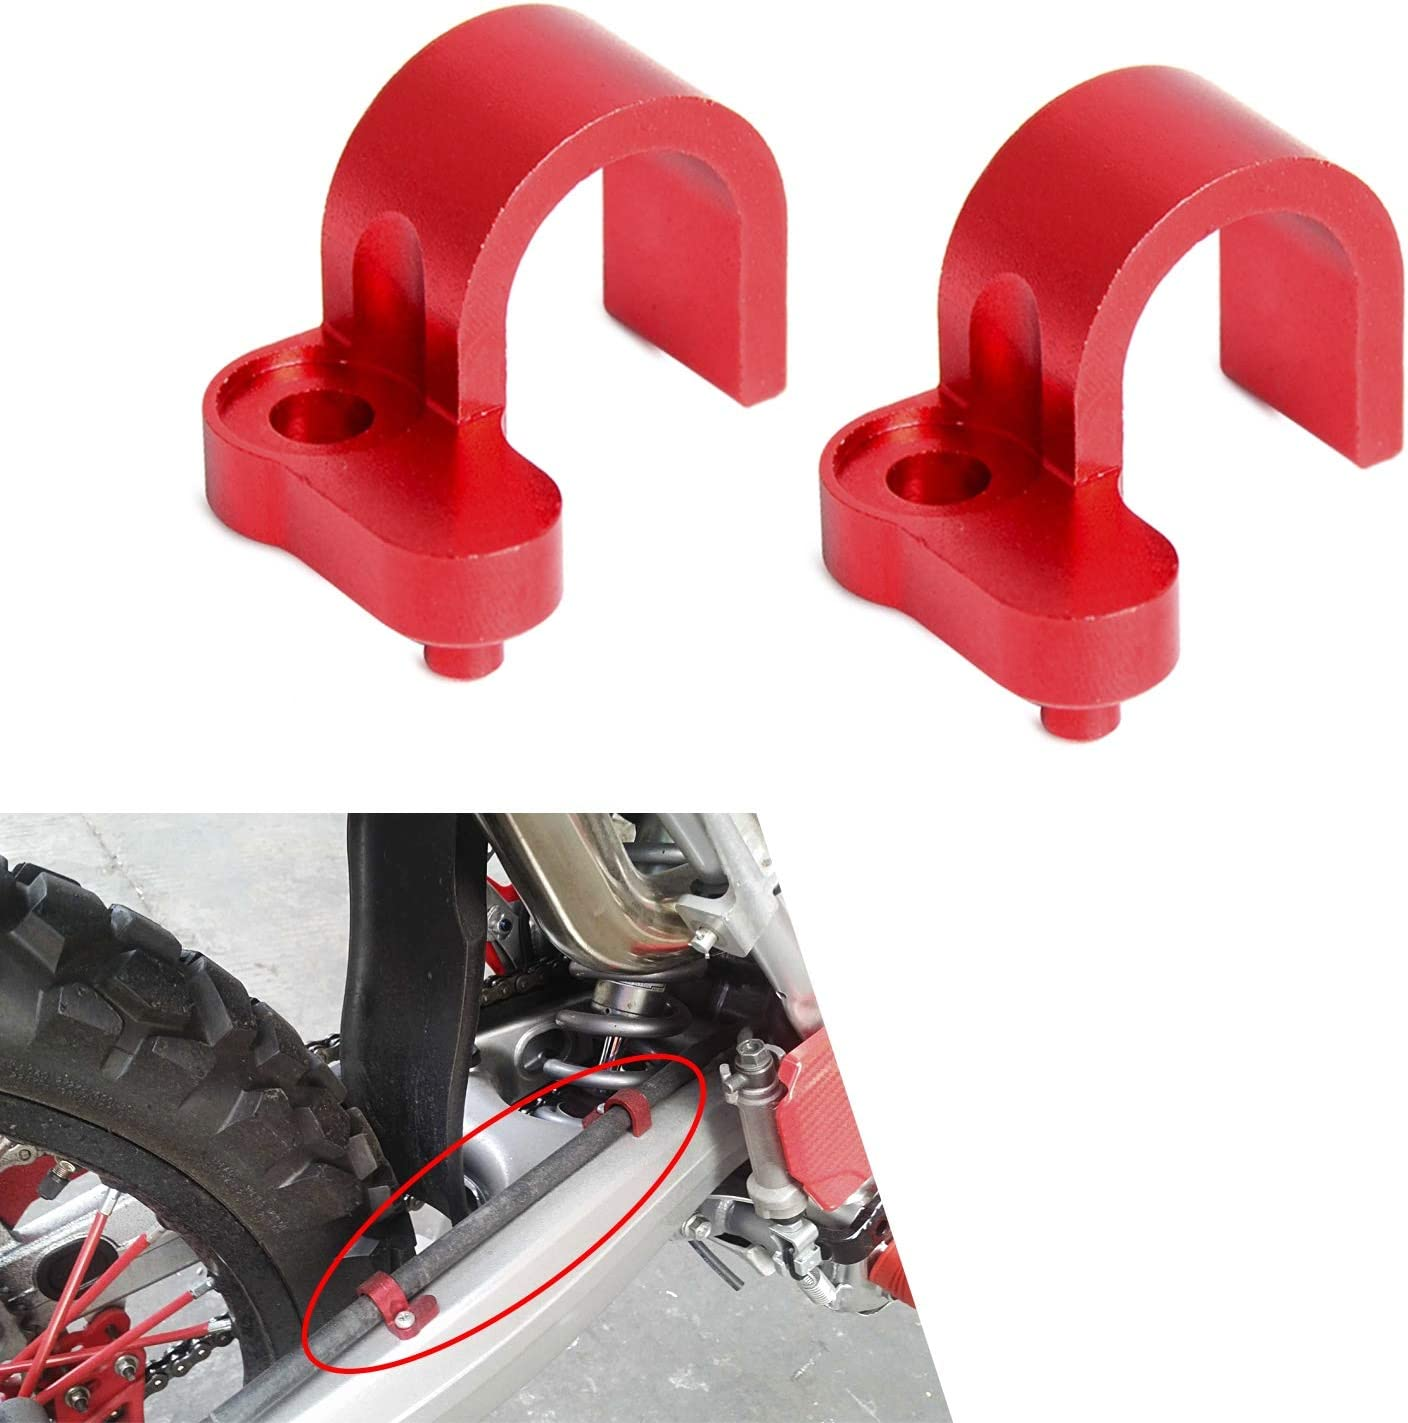 NO LOGO Vorne Hinten Bremsleitung Schlauchschelle Halter for Honda Crf250l Farbe : Rot M CRF250L CRF250M CRF 250L 250M 2012 2013 2014 2015